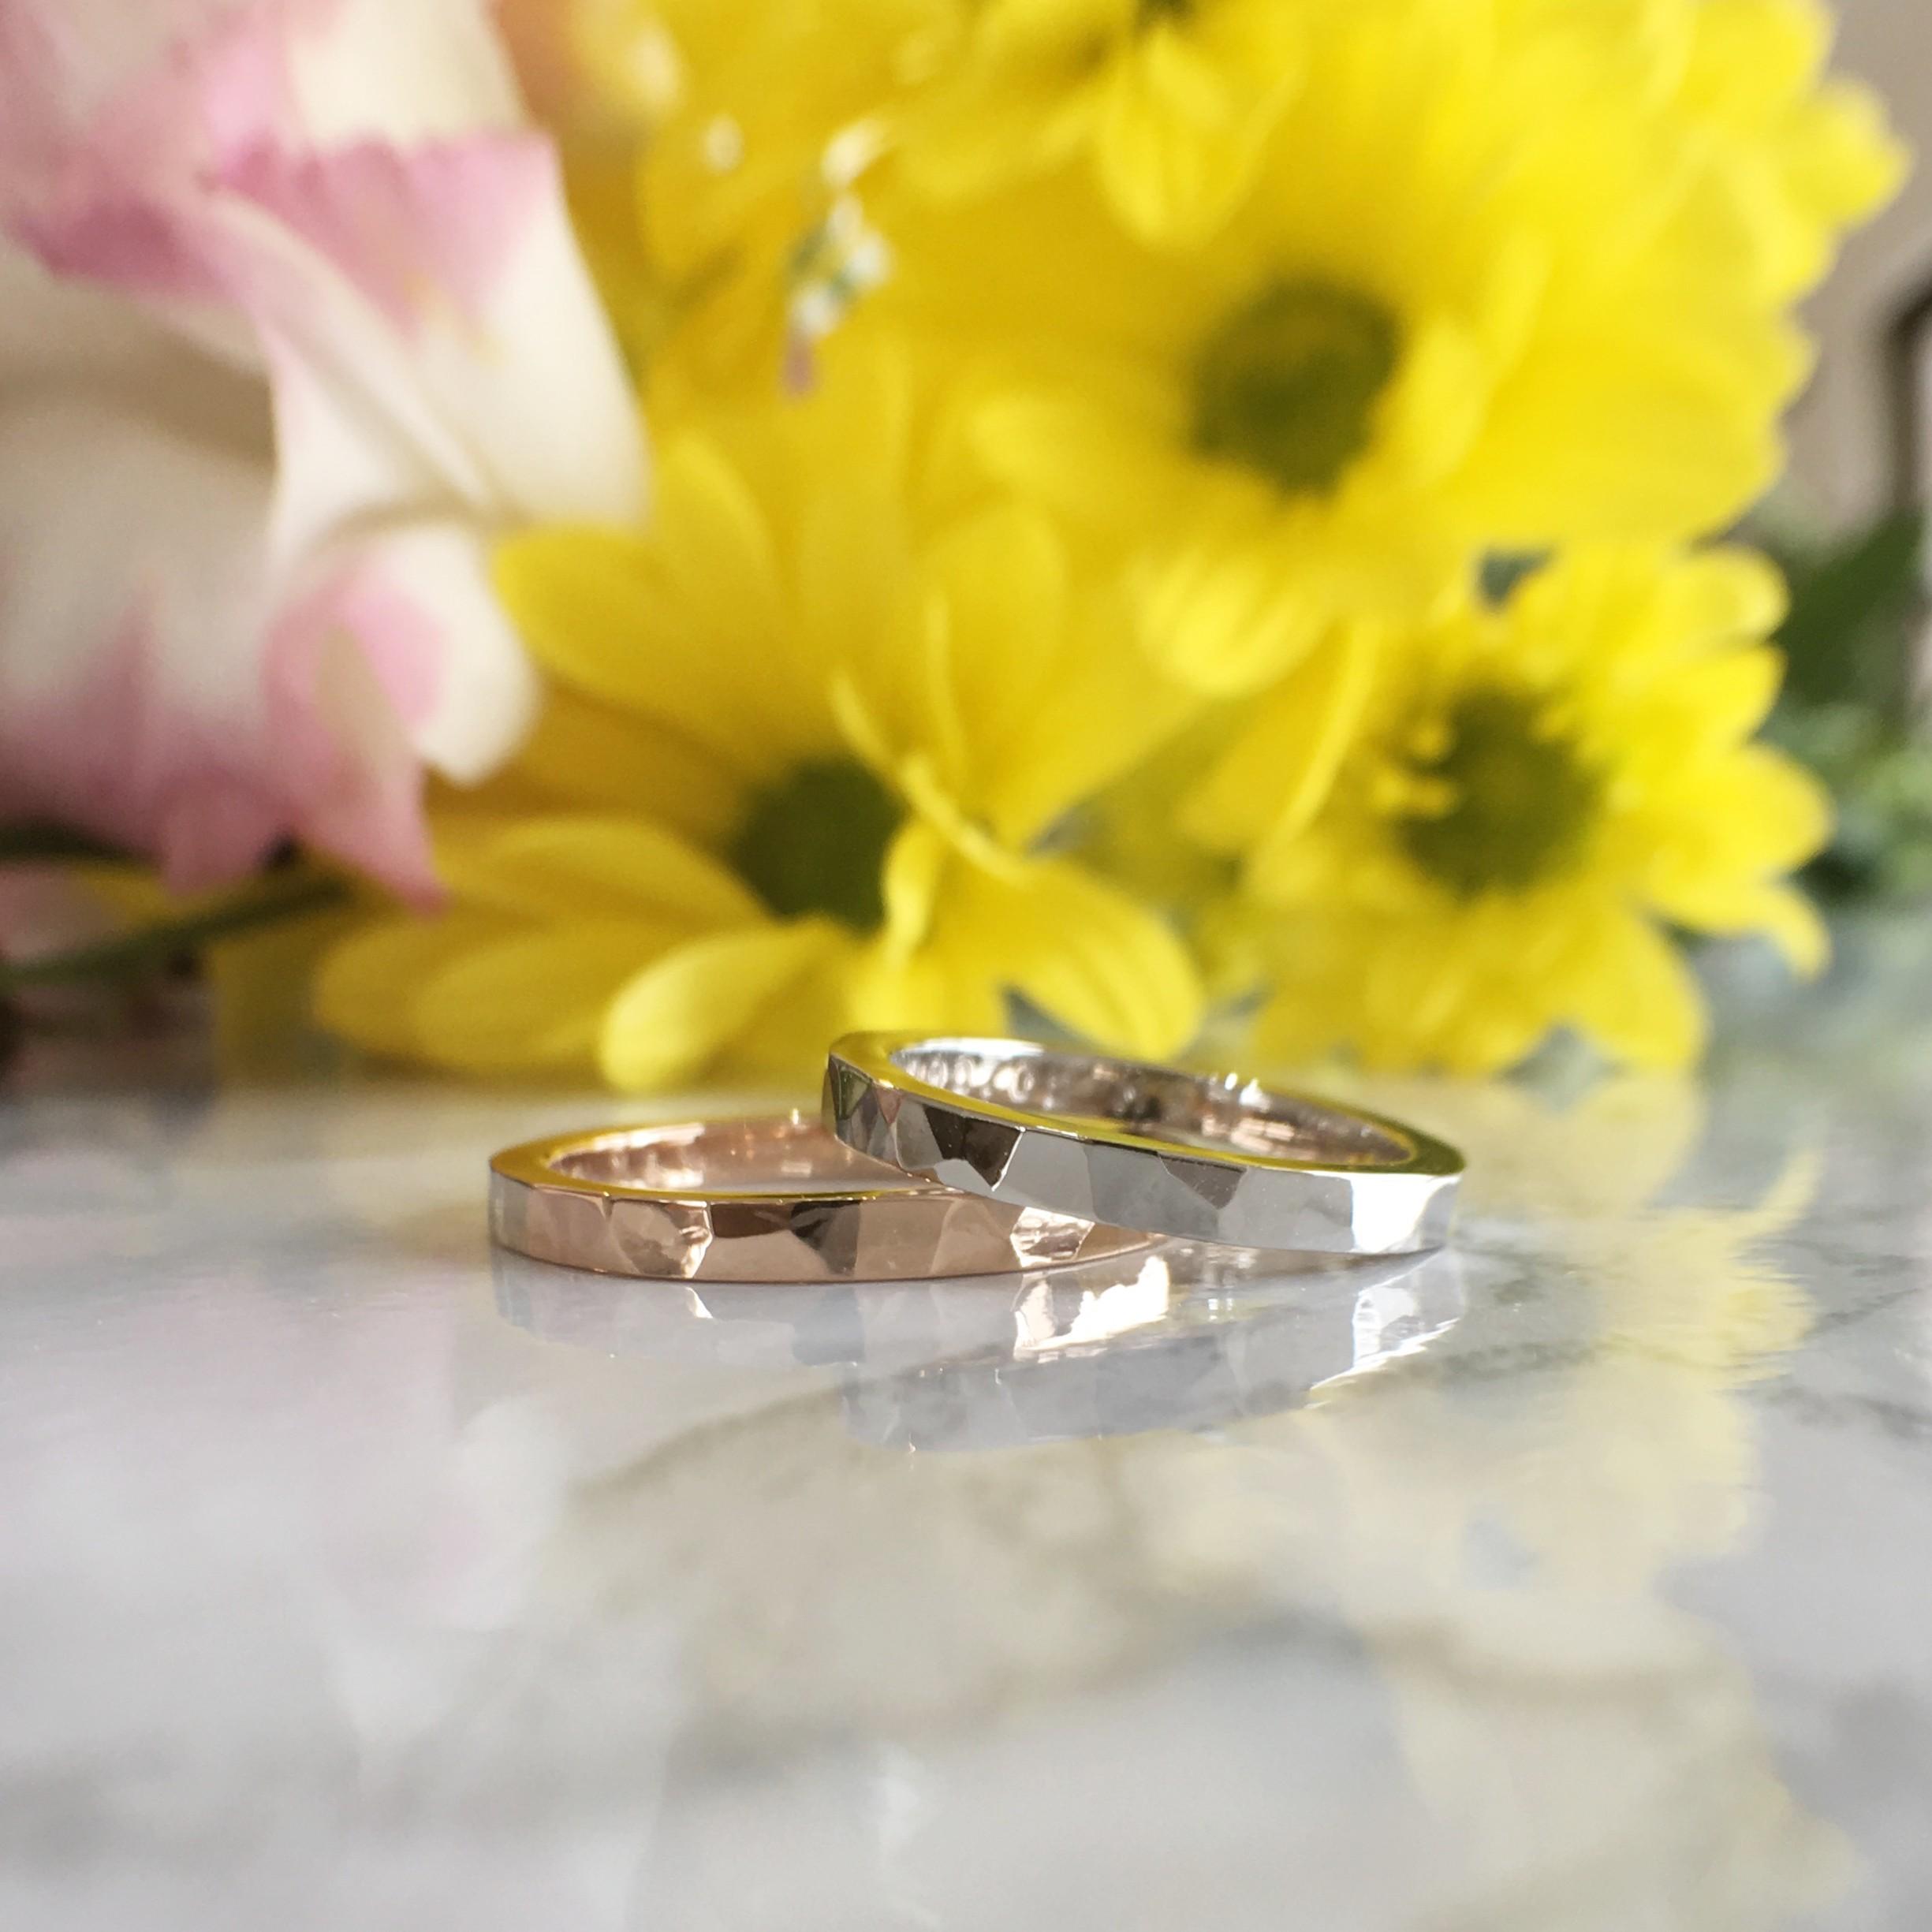 鎚目 結婚指輪 オーダーメイド